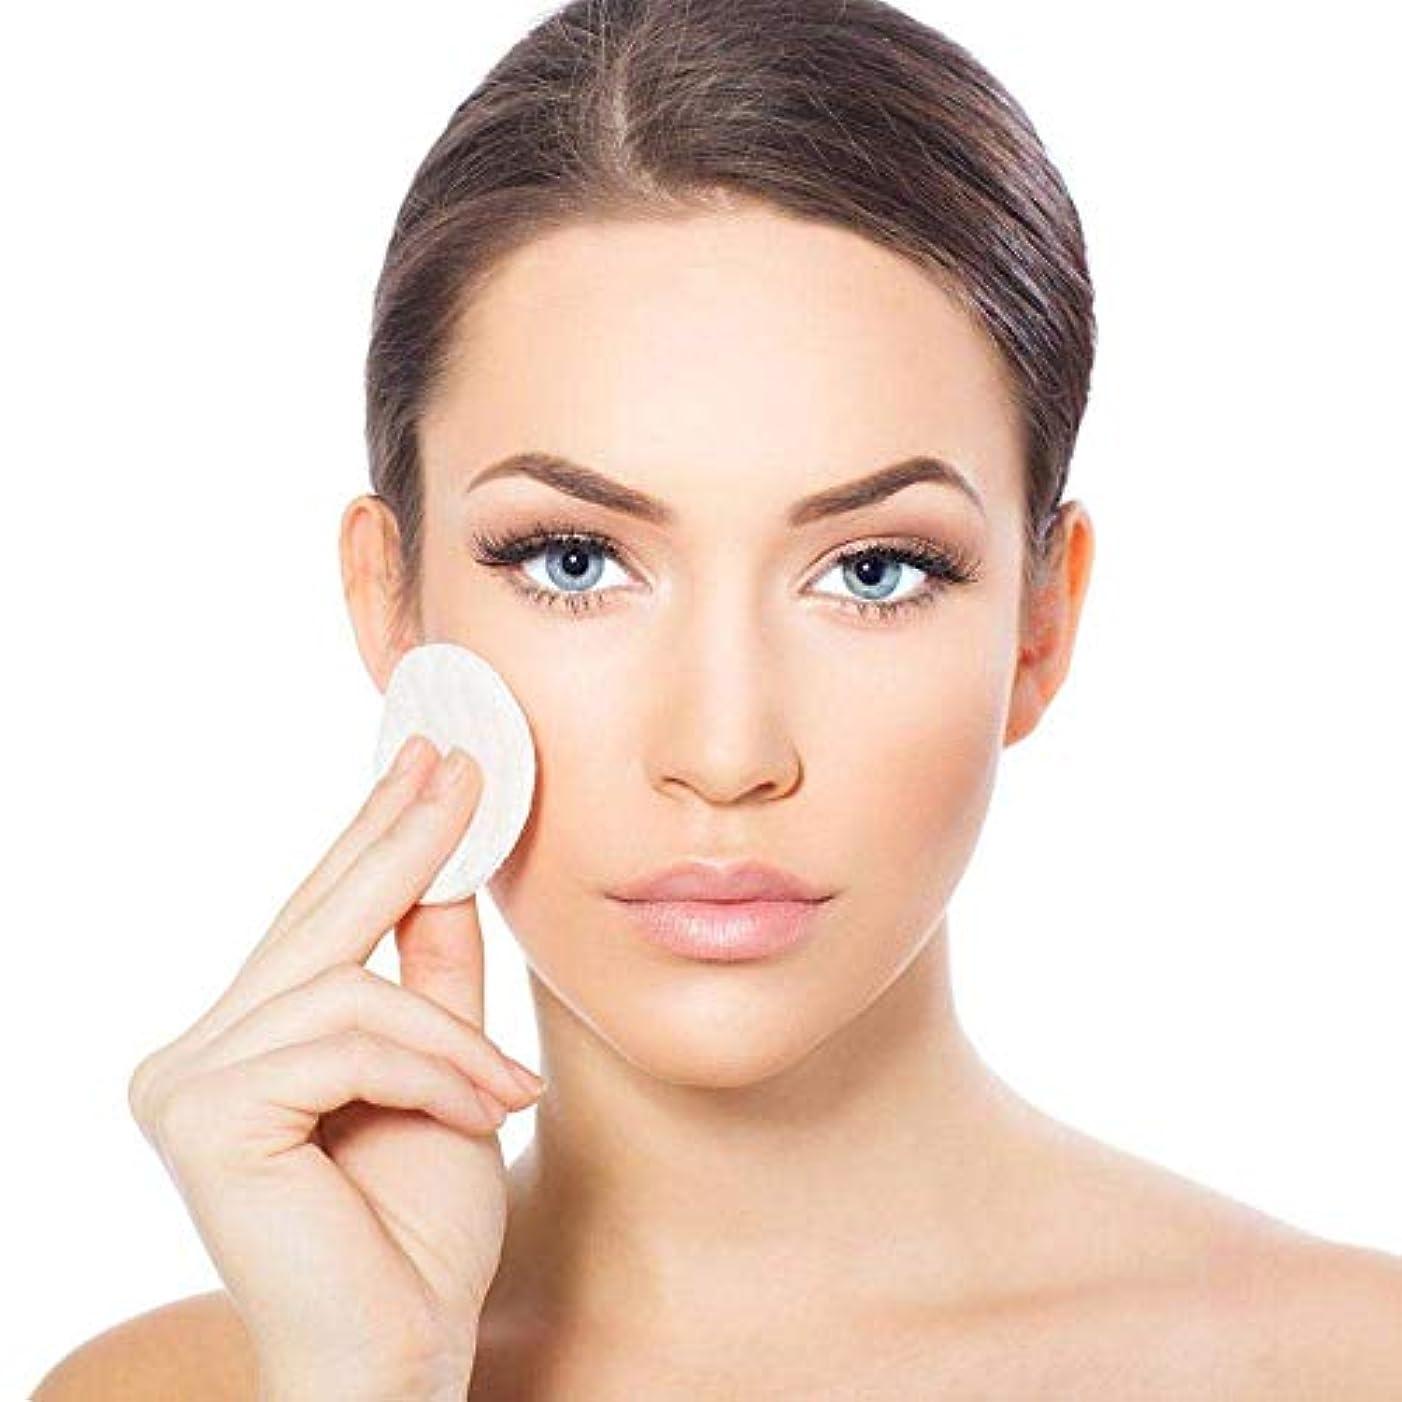 コテージ険しい信号ユニセックス 洗面再利用可能 3層化粧品除去パッド顔清潔ワイプ 化粧落としコットン 肌に優しい 8セット